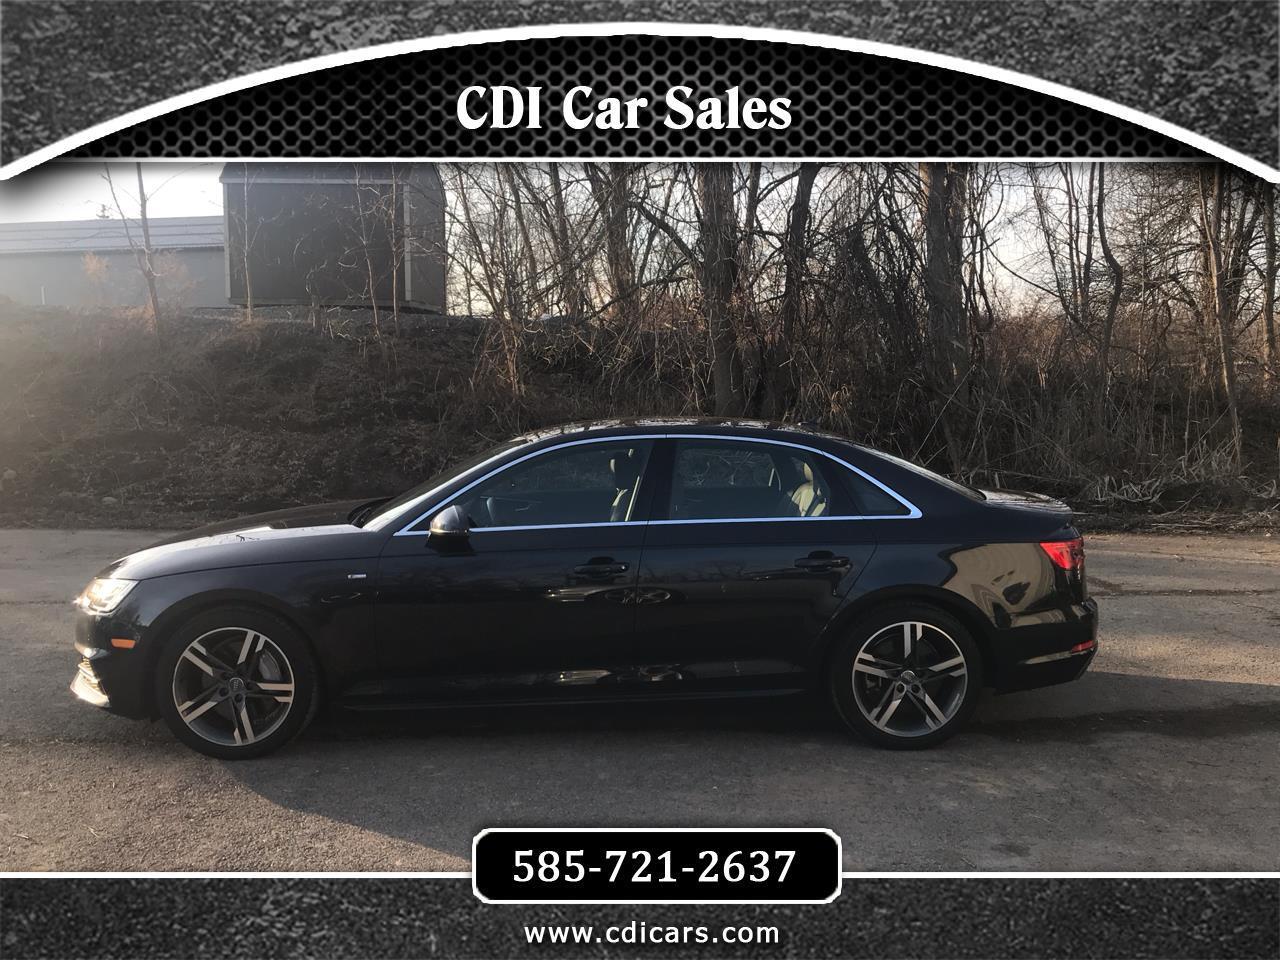 Audi A4 2.0T Premium Plus quattro Sedan 2017